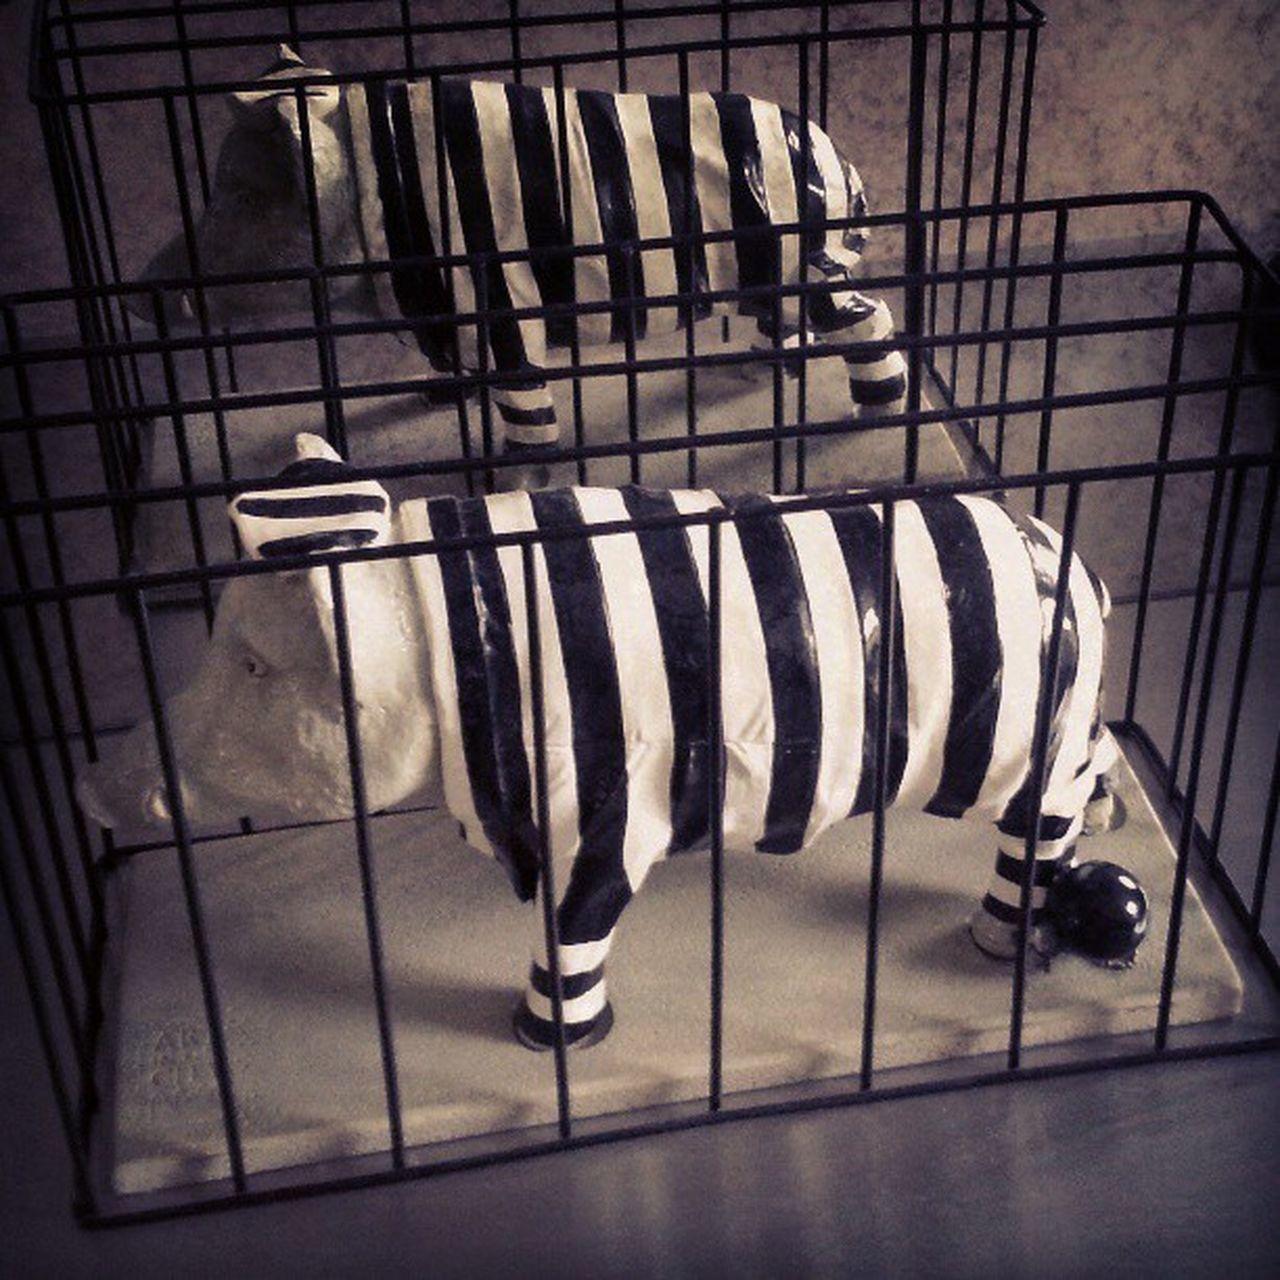 Pig Cage Stripes Oink Animal Black White Prison